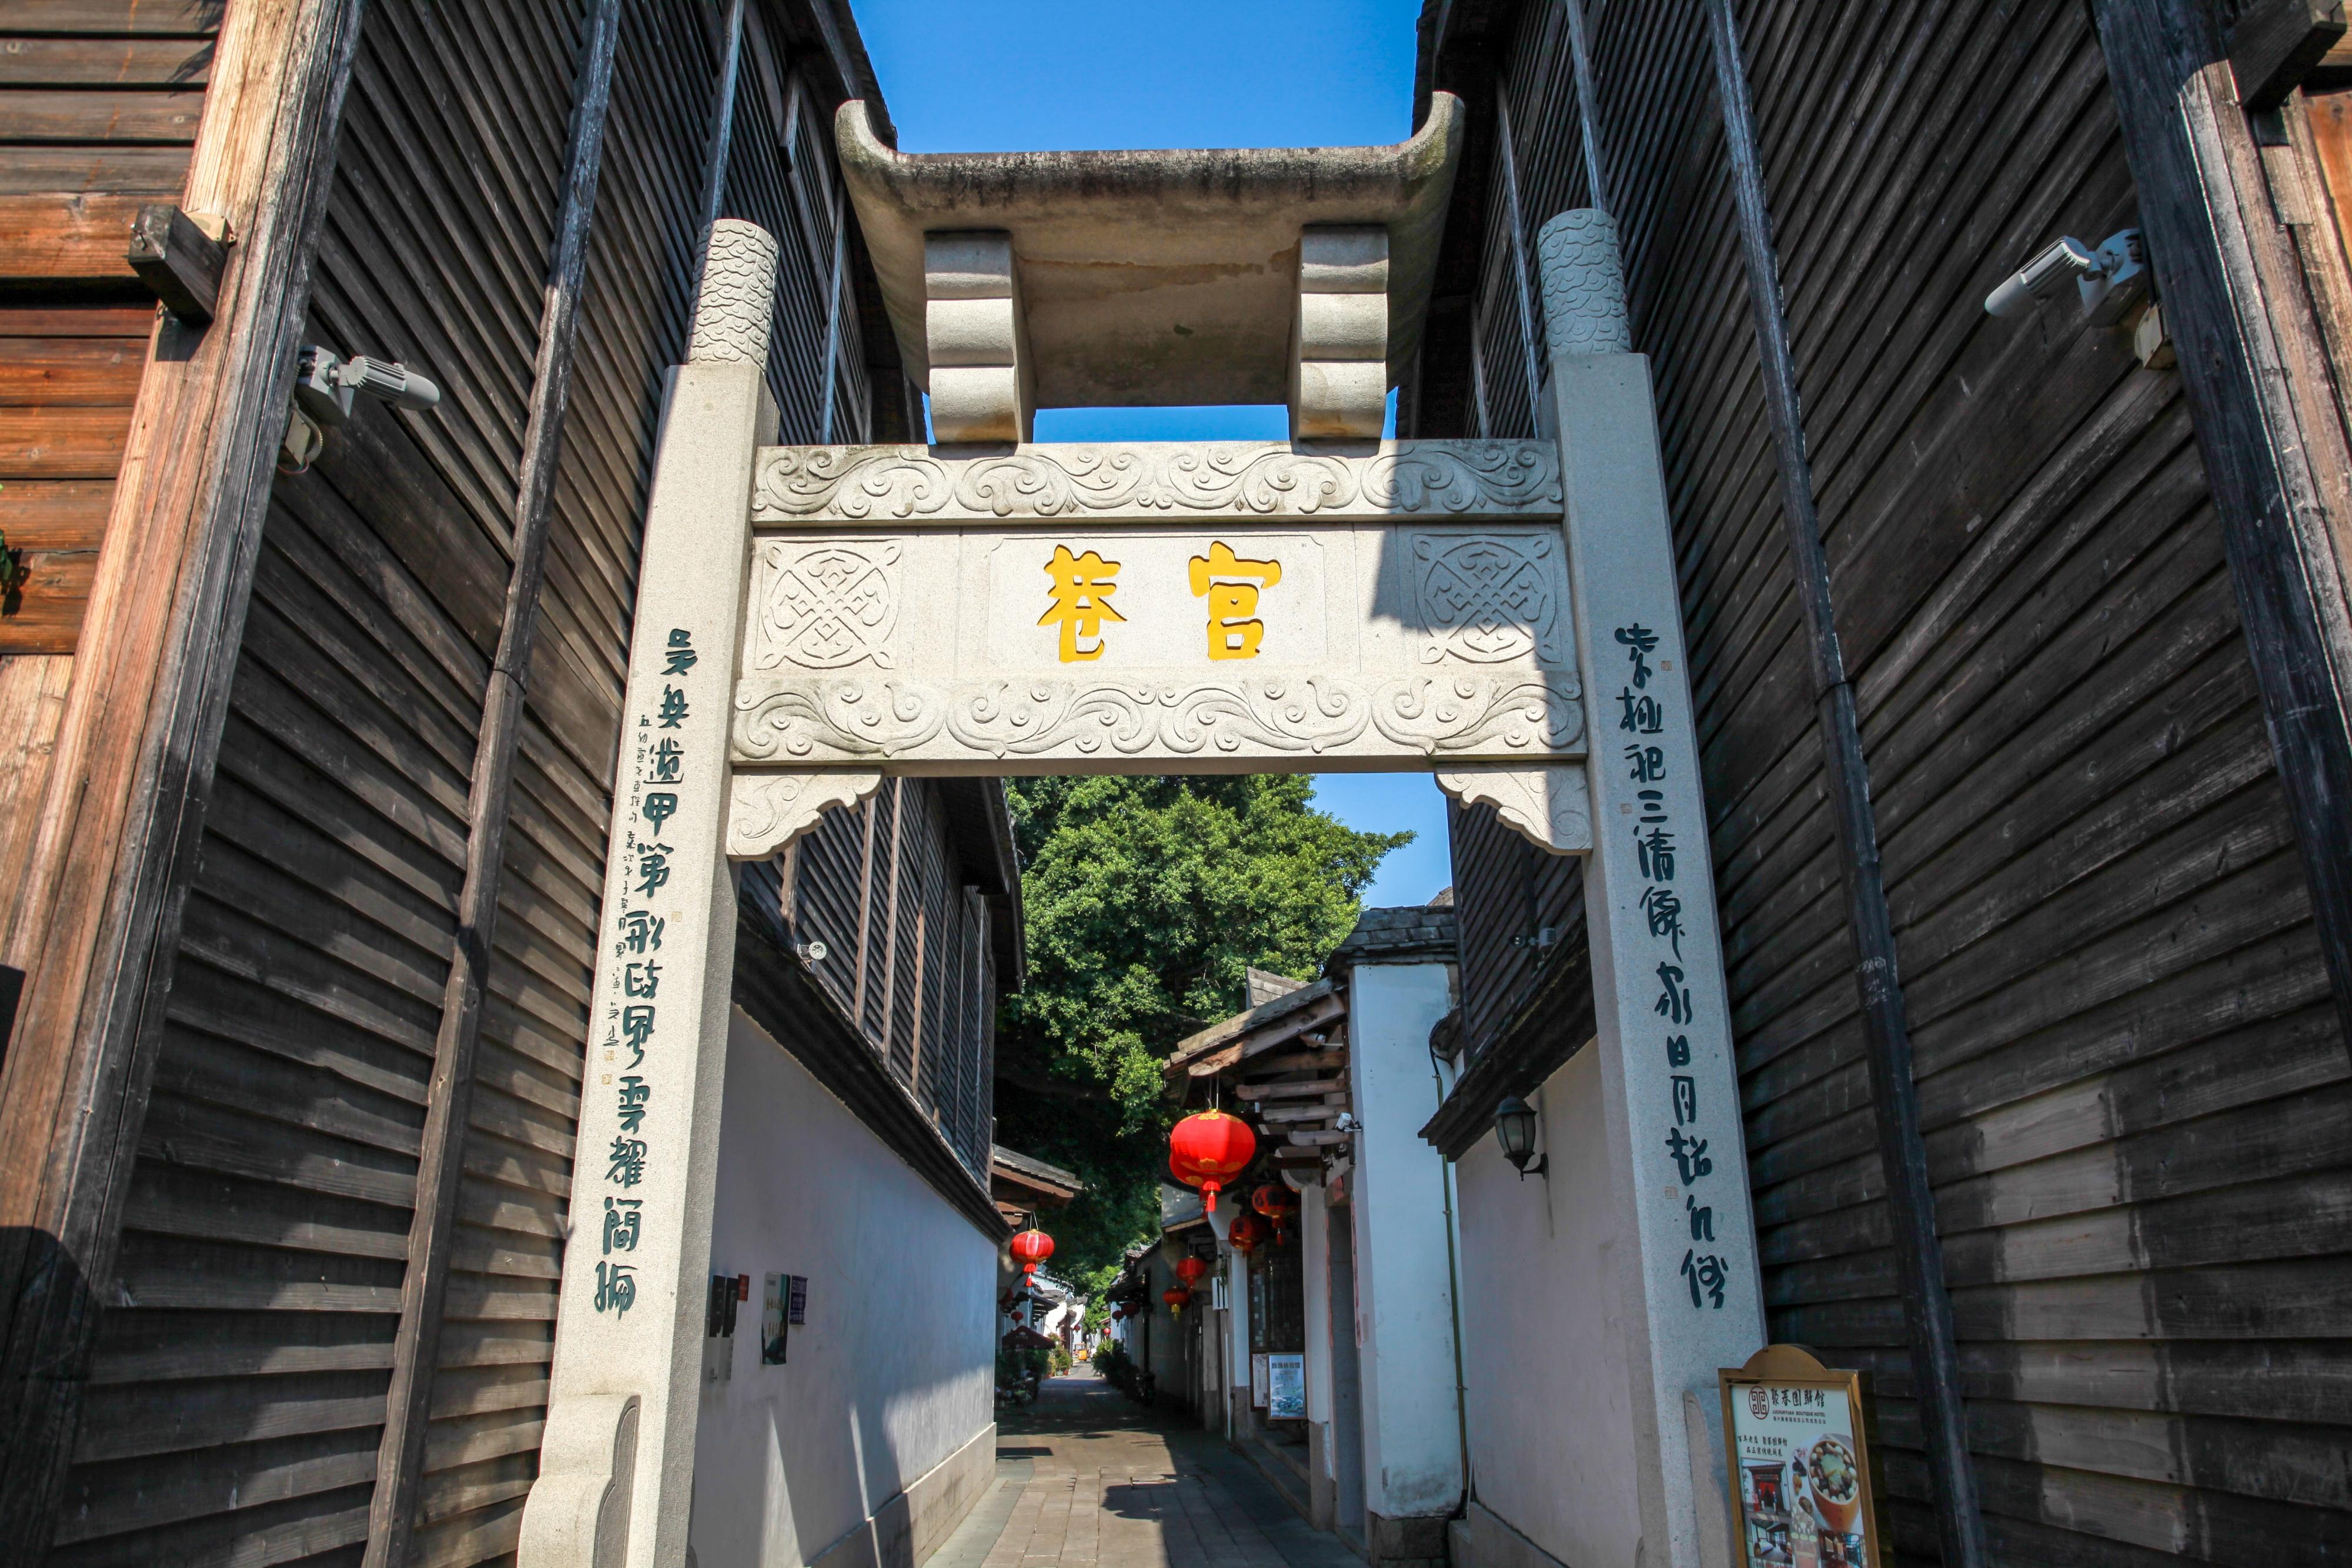 Fuzhou Gong Alley